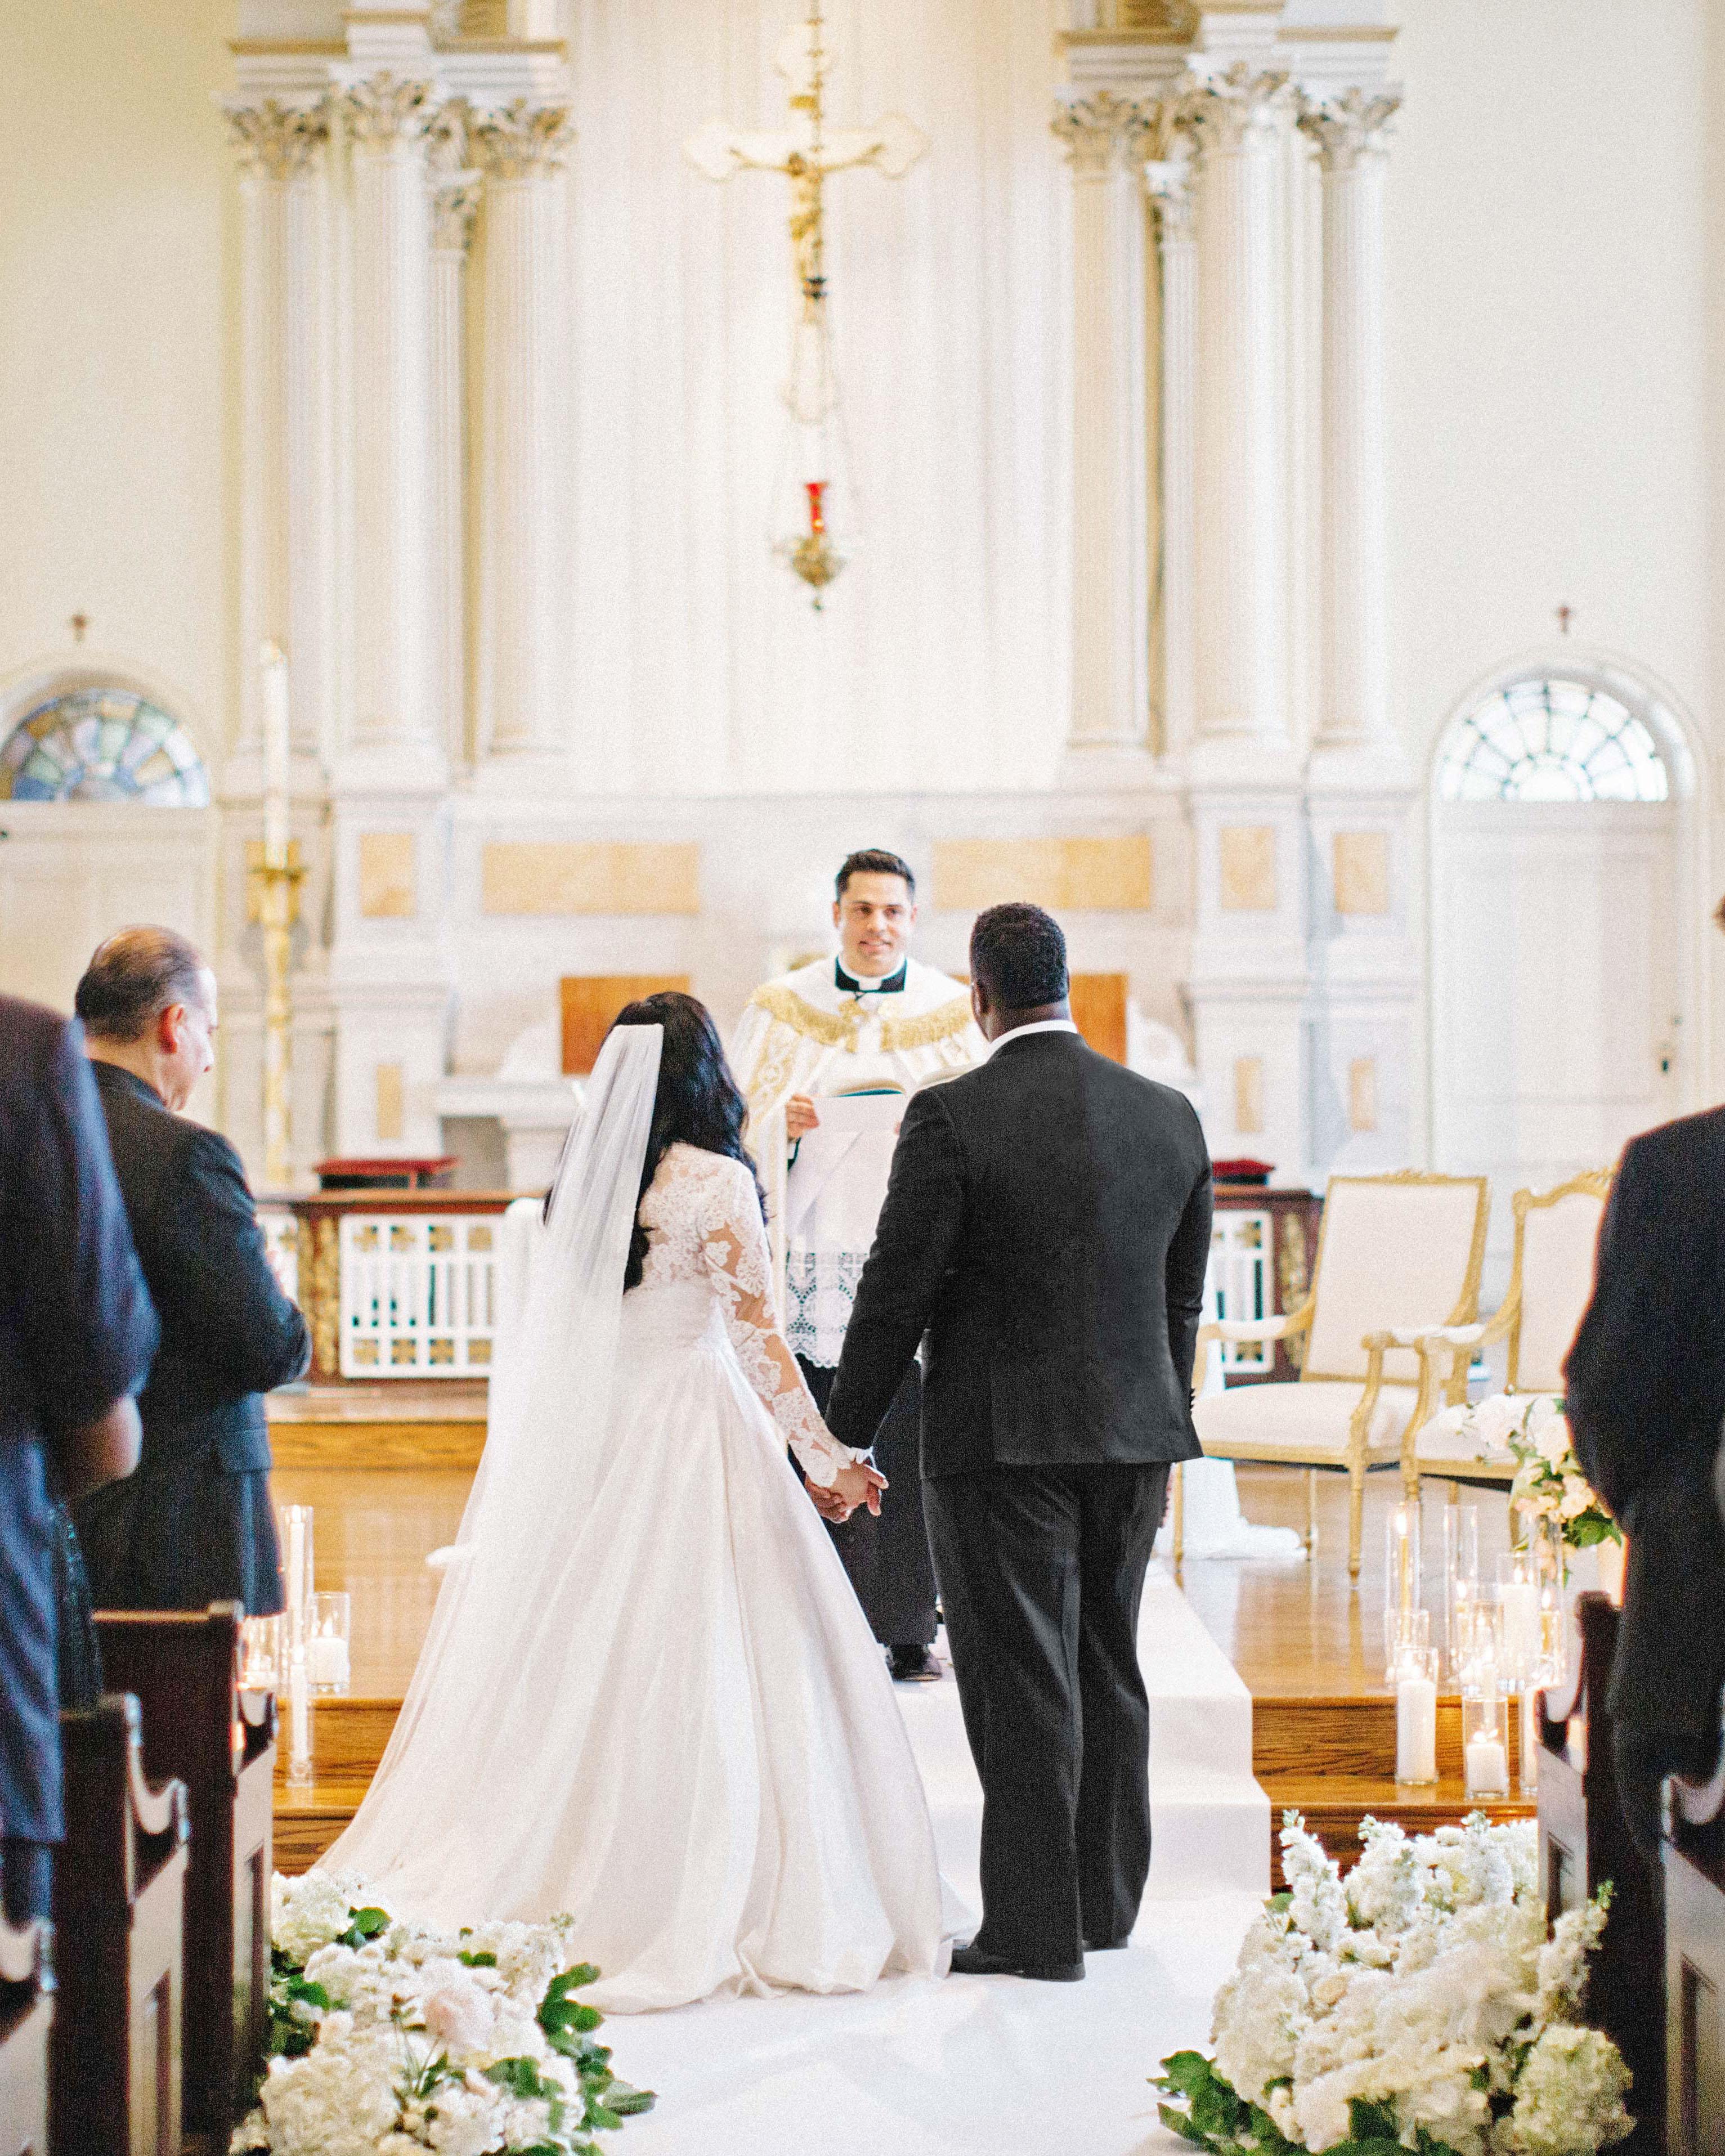 daniela emmanuel wedding maryland ceremony